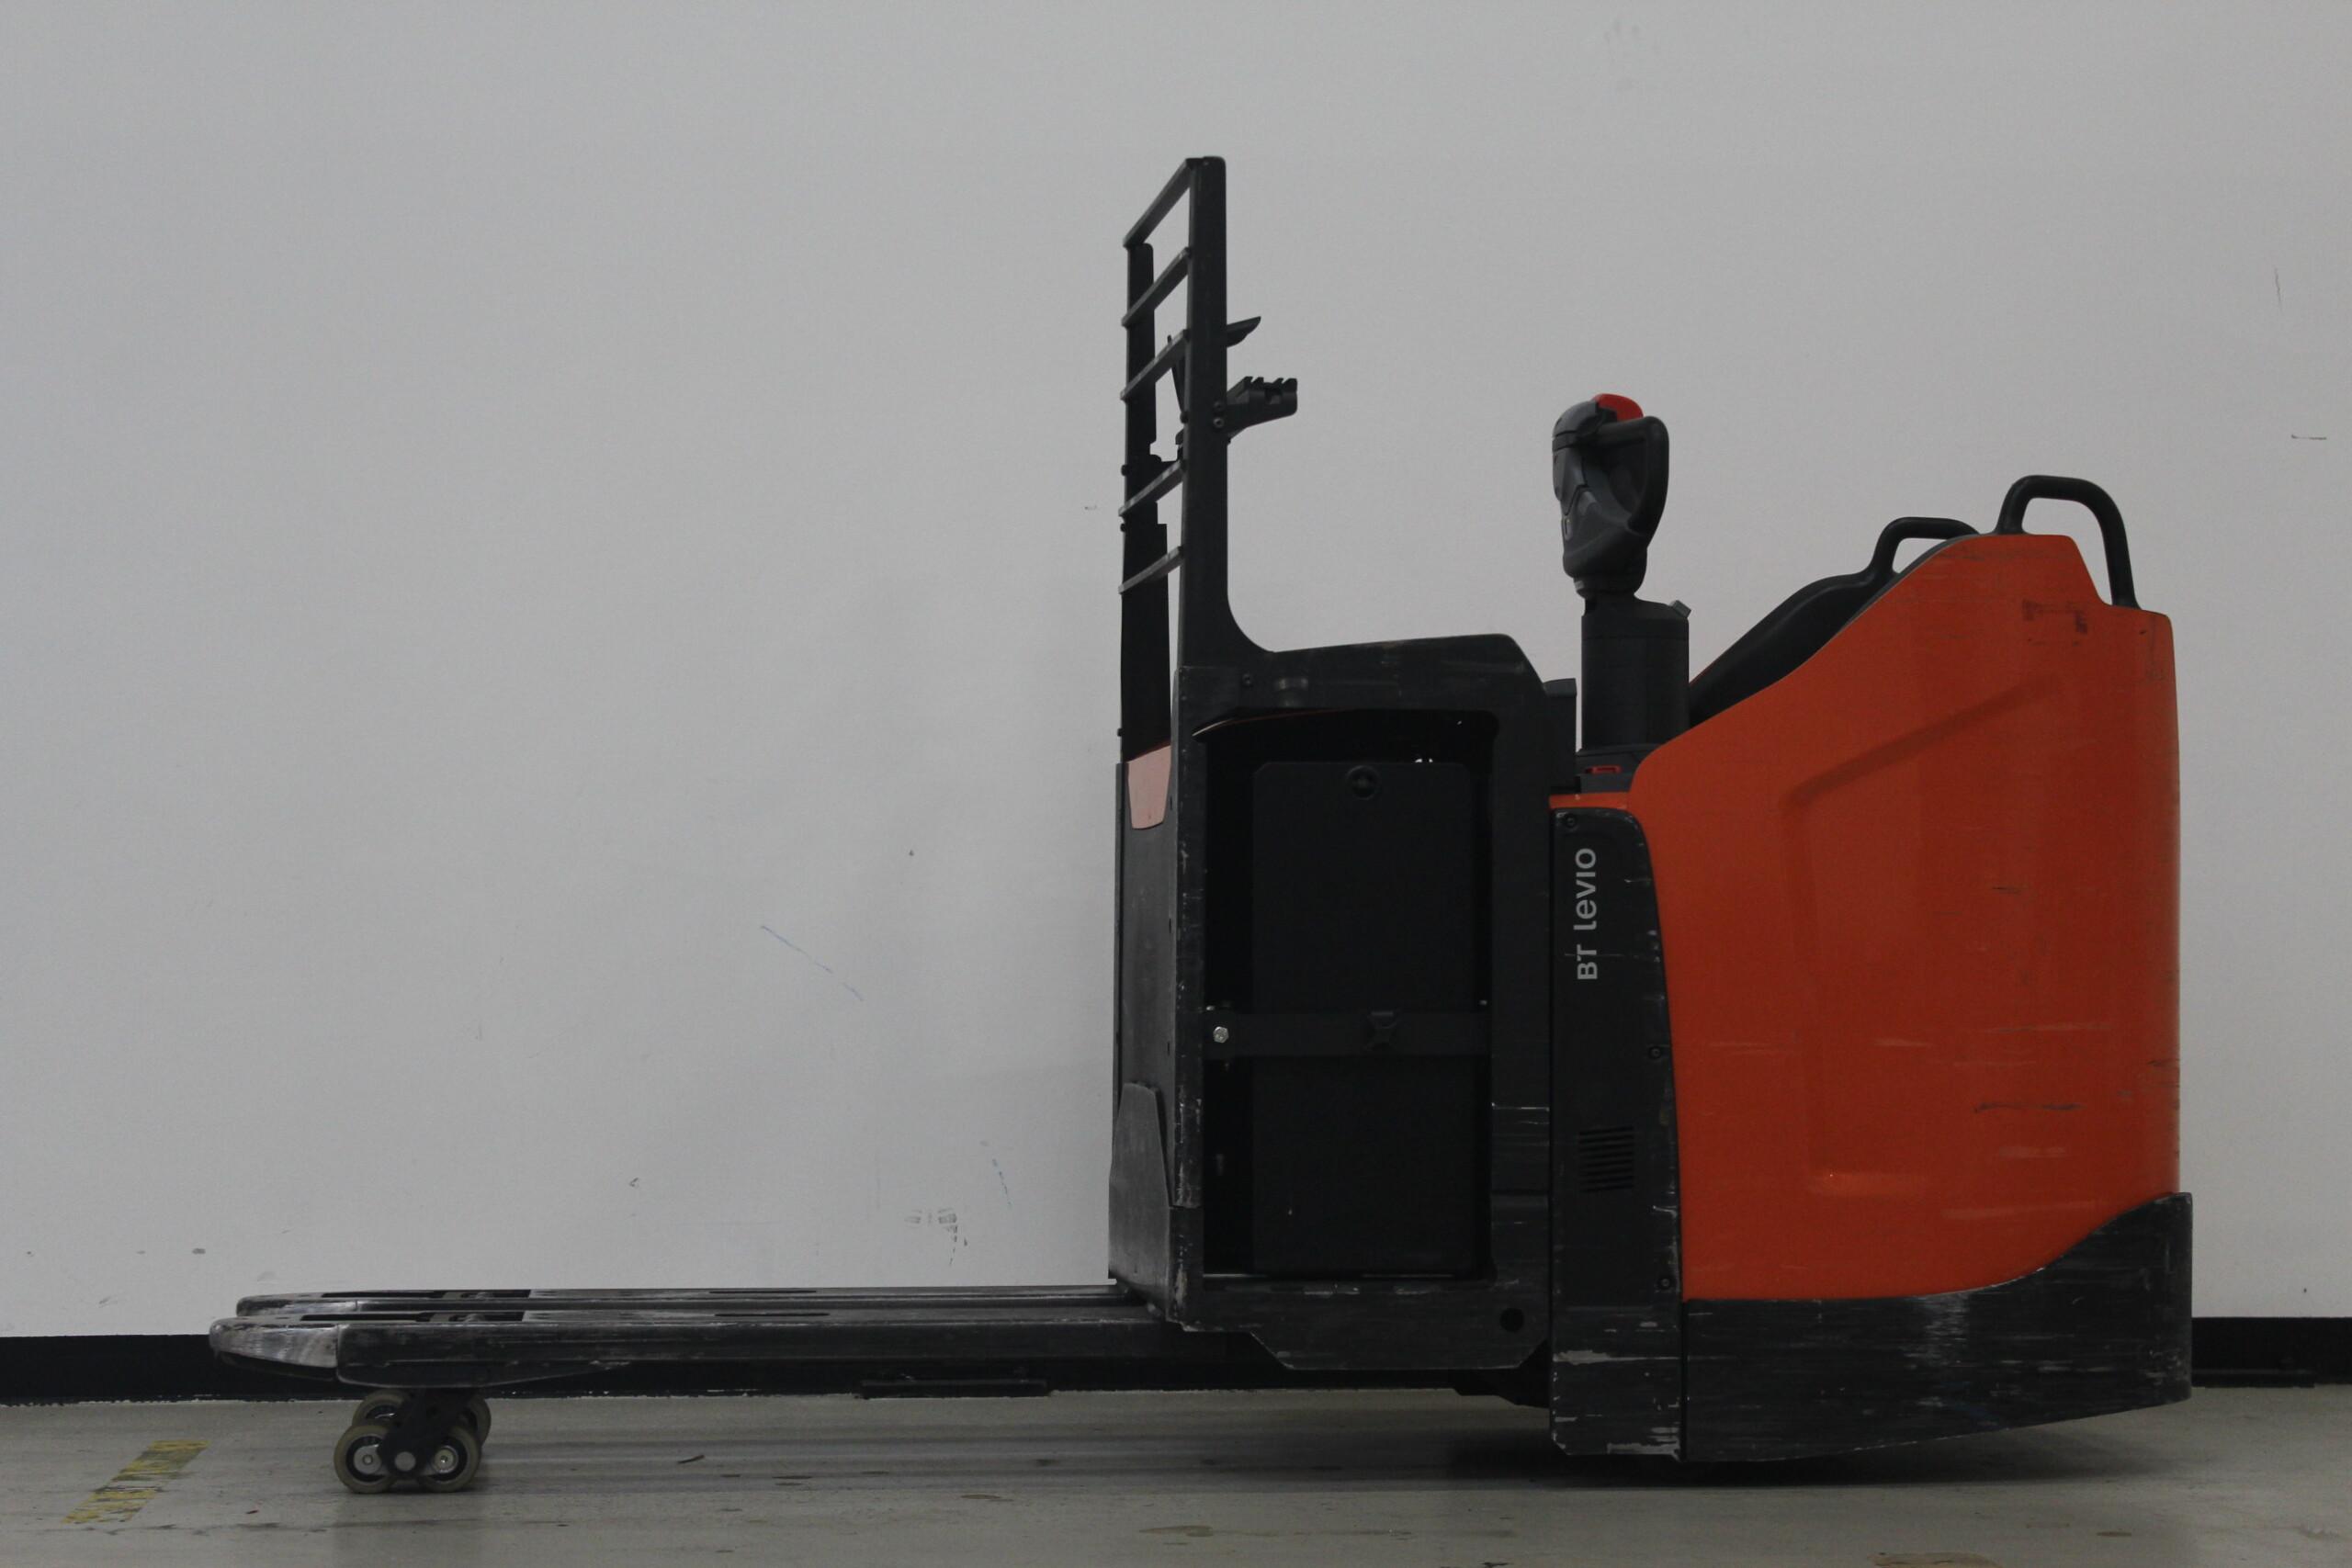 Toyota-Gabelstapler-59840 1805026638 1 50 scaled